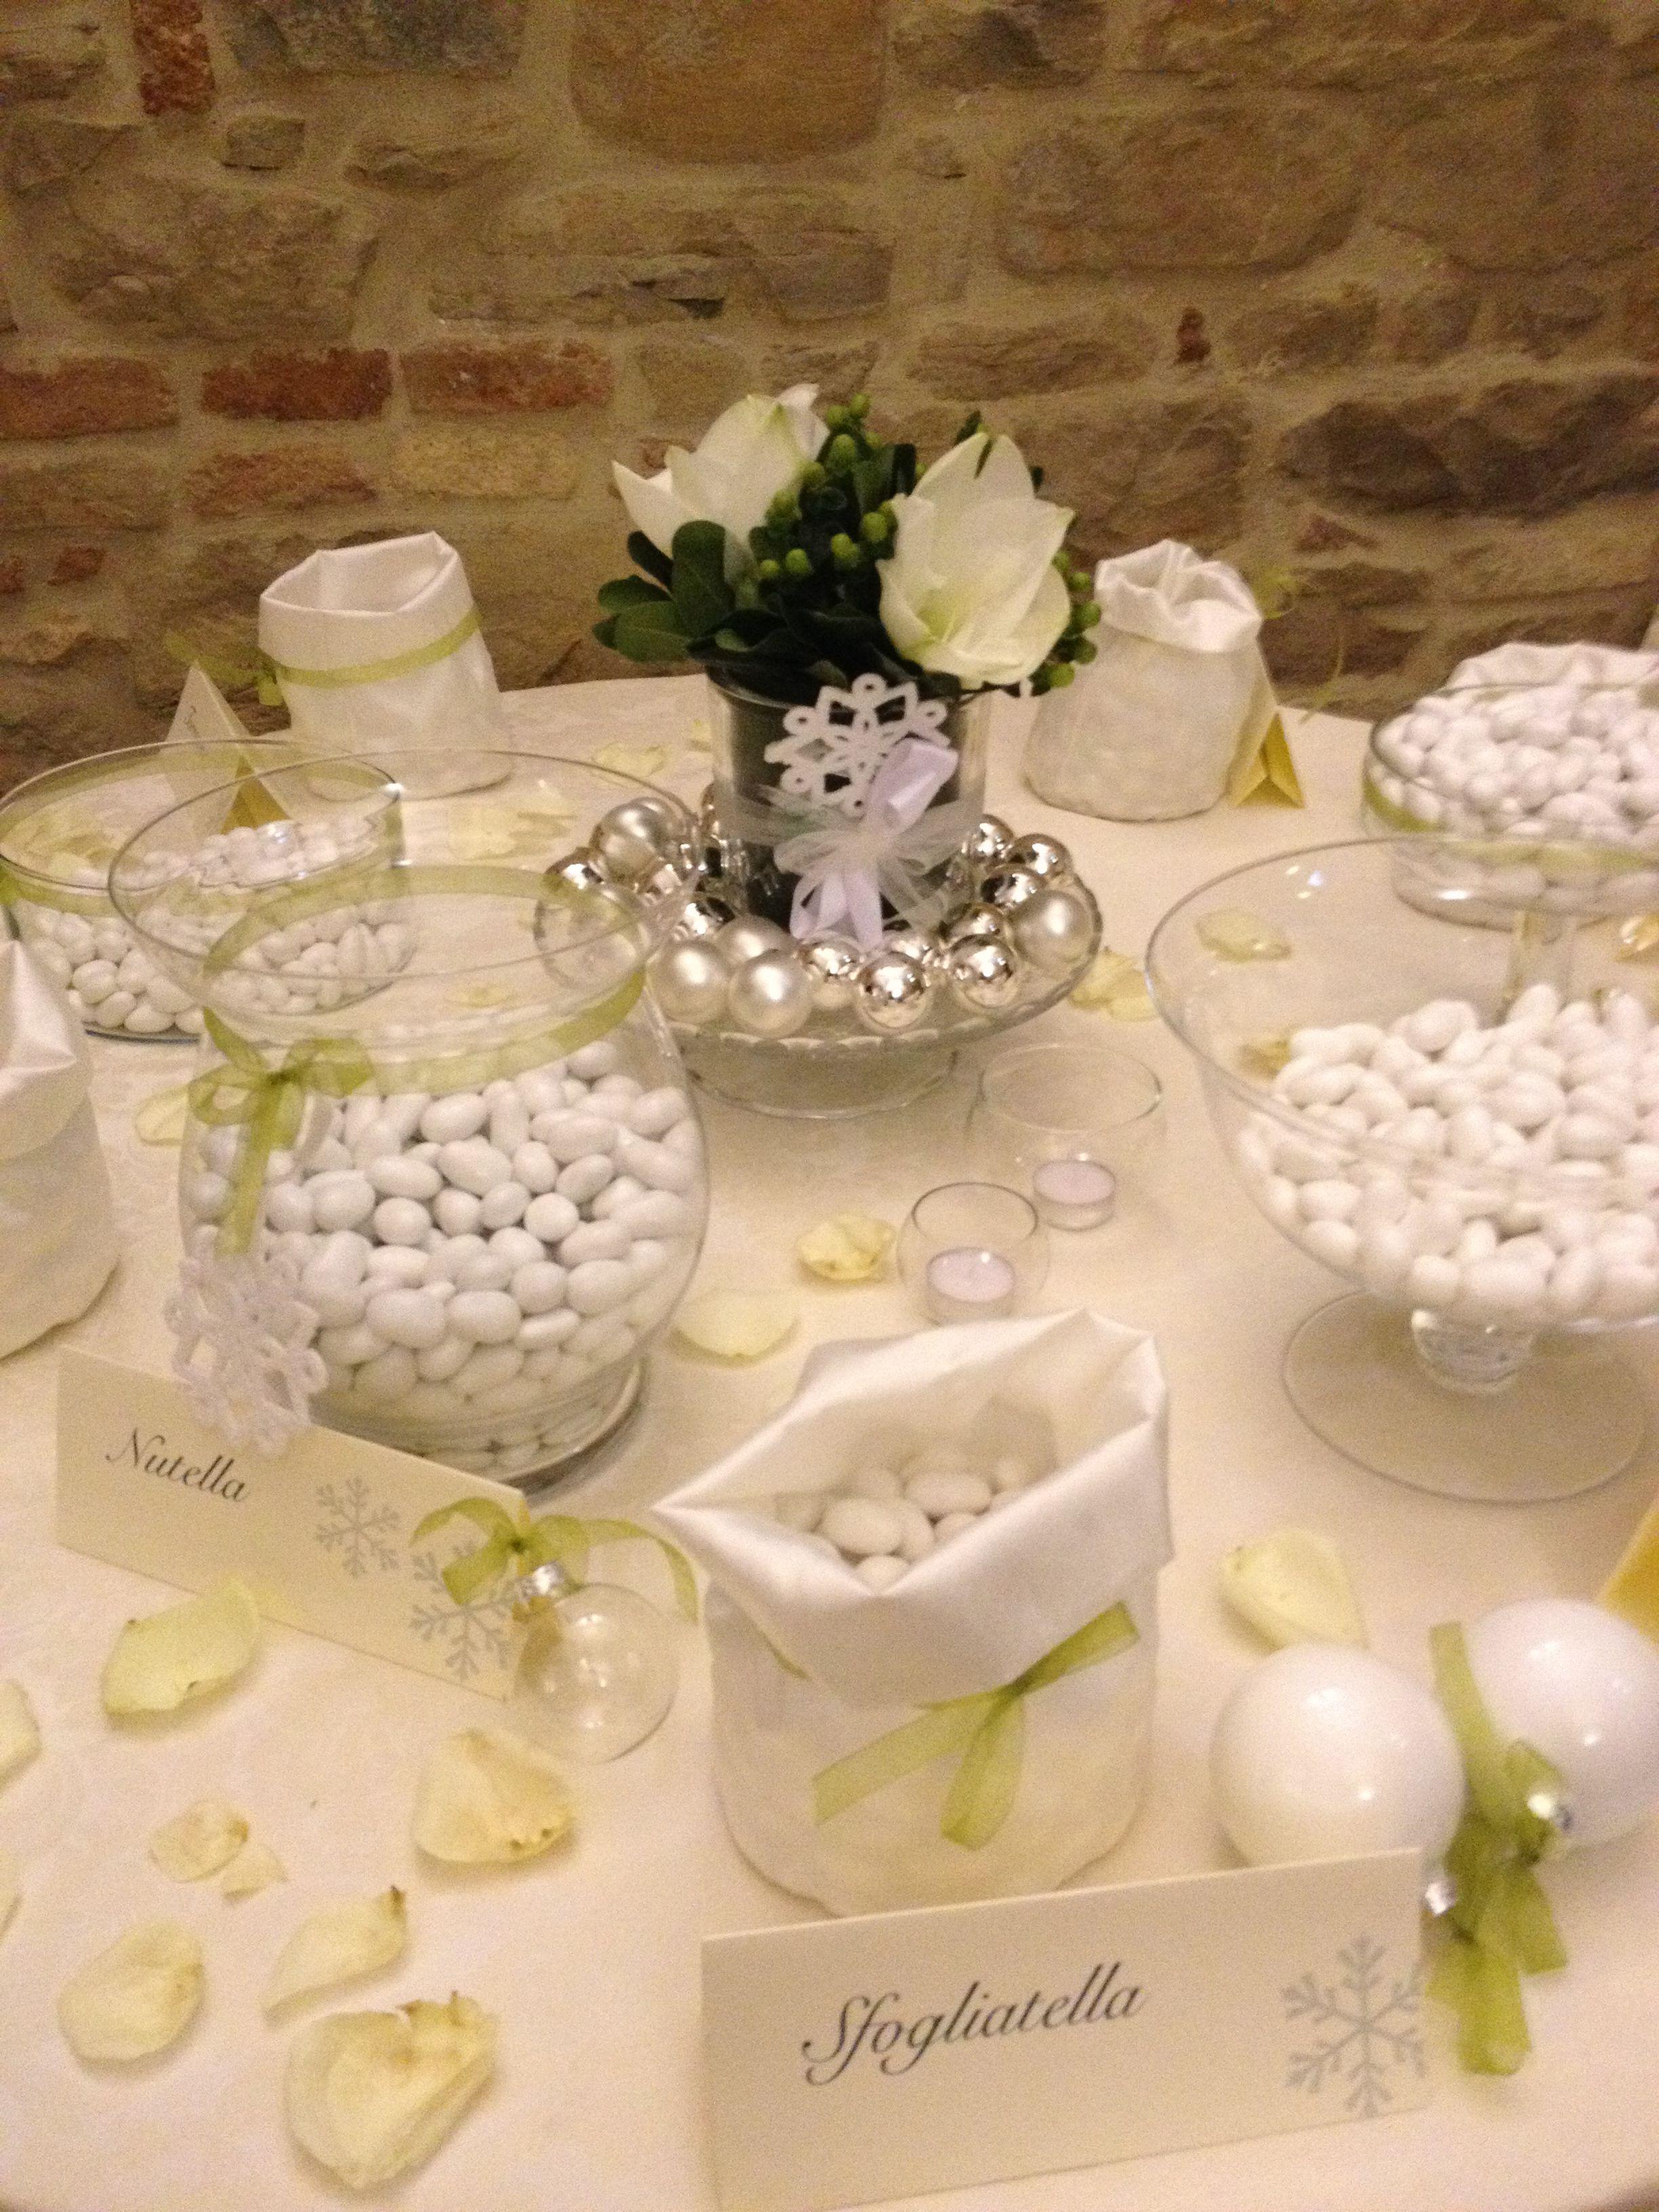 Come Addobbare Un Tavolo Per Confettata confettata tema natale | confetti, natale